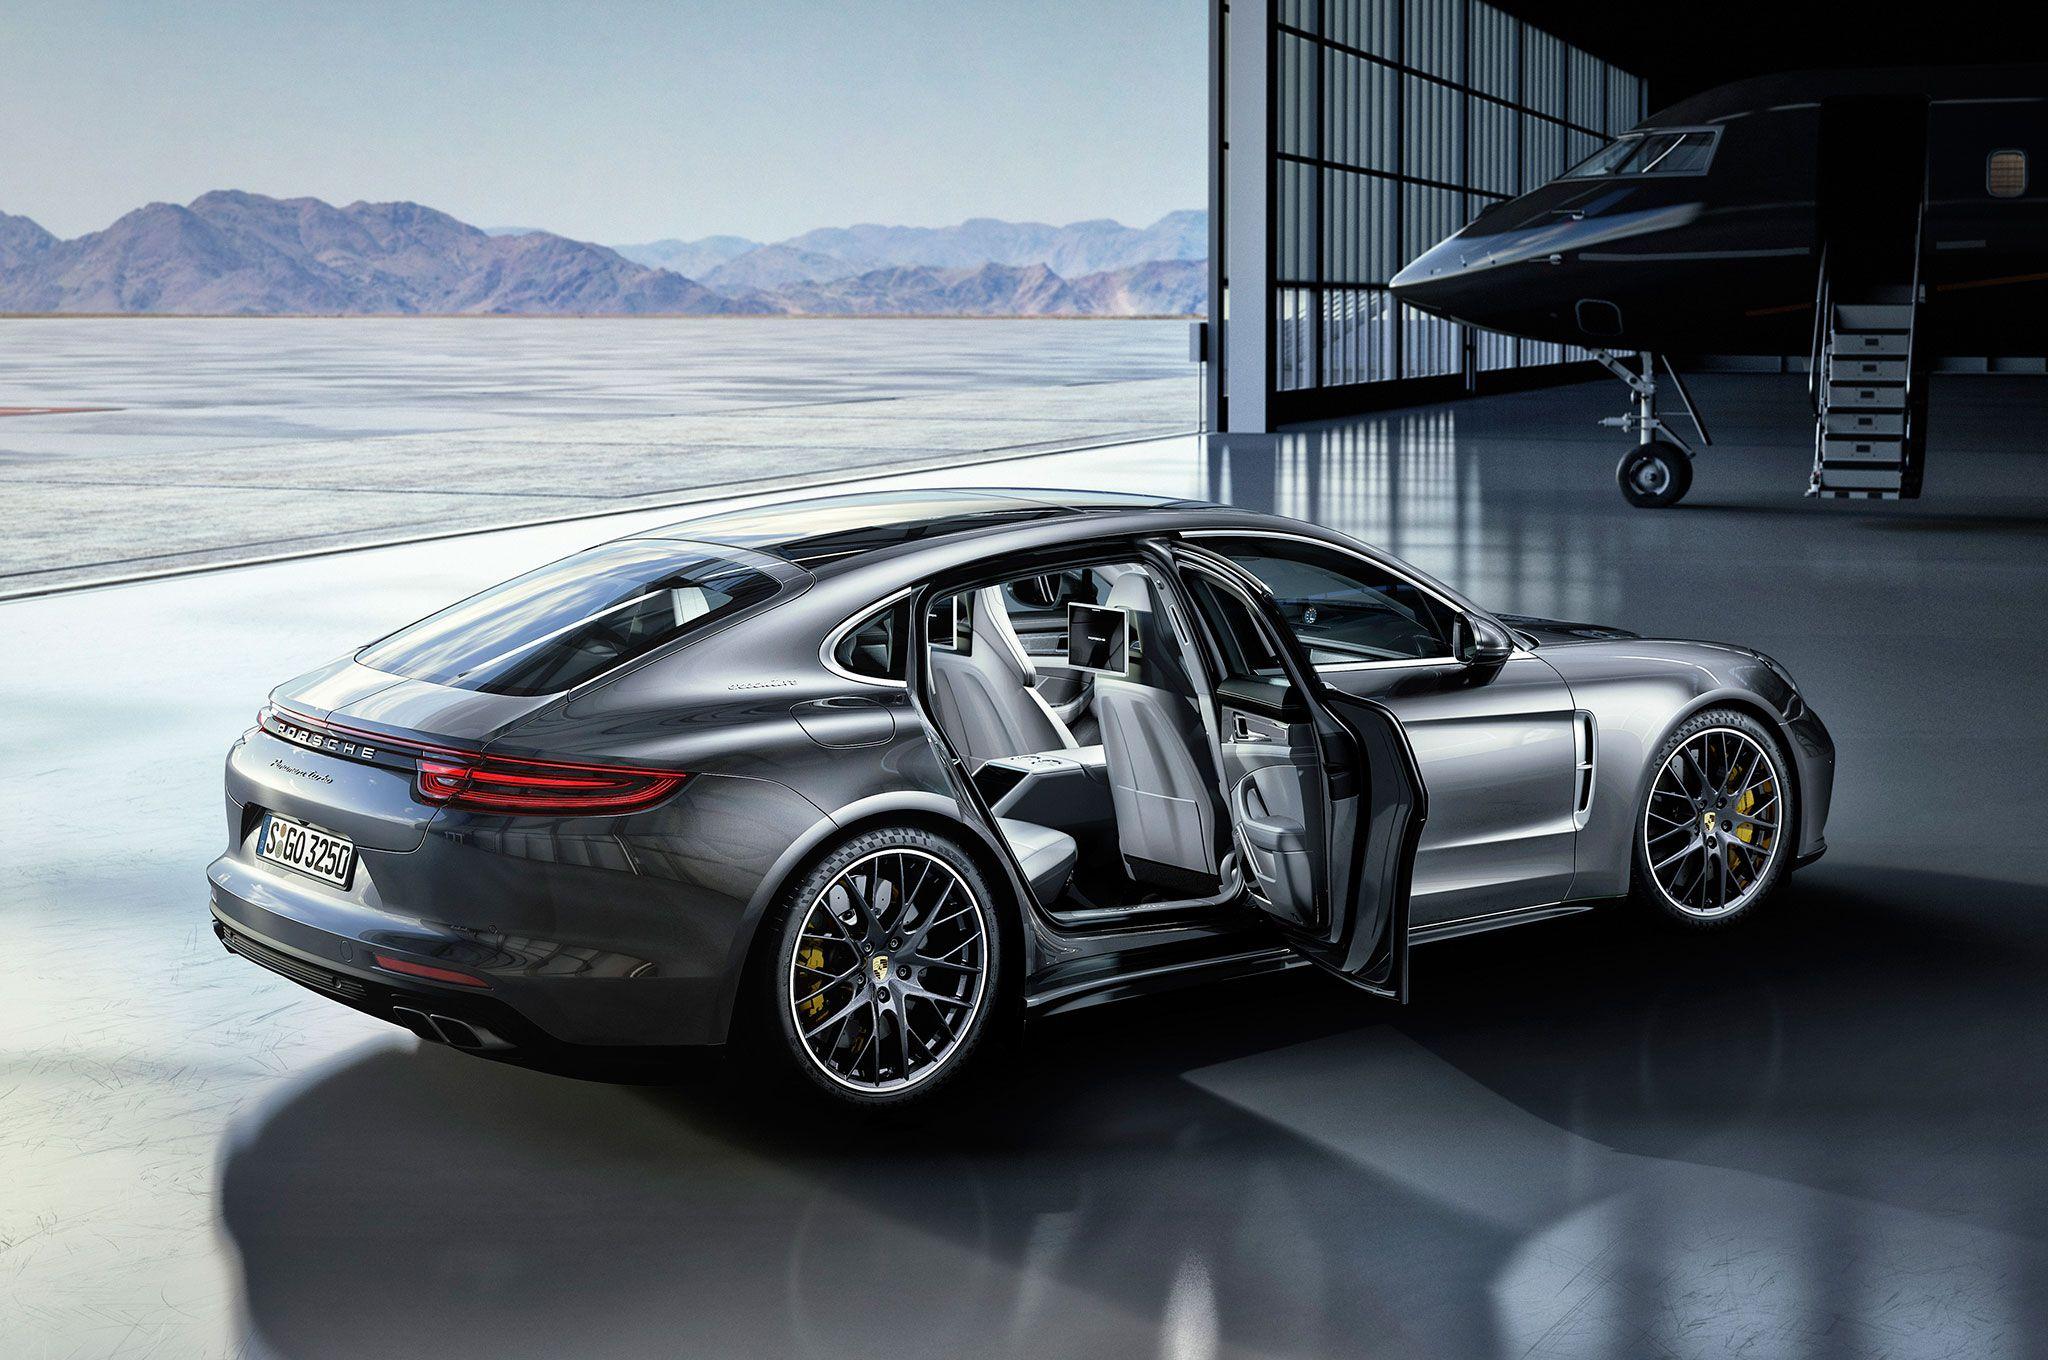 2017 Porsche Panamera Turbo Executive , Porsche Panamera